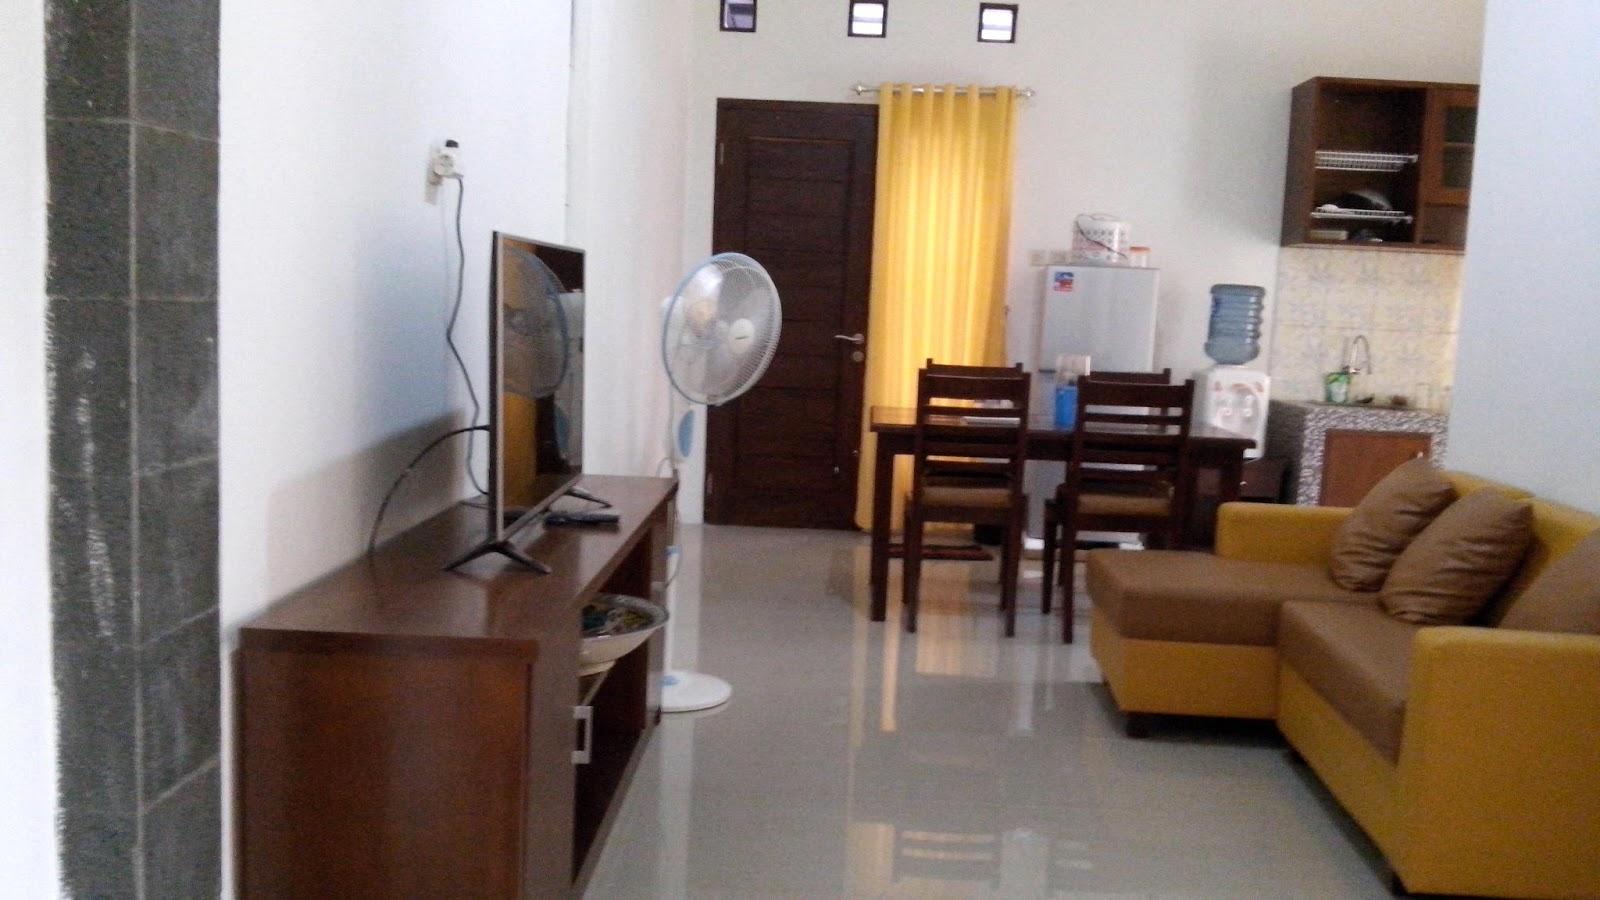 3 Kamar Tidur Dengan AC 2 Mandi Salah Satu Dalam TV Di Ruang Keluarga Meja Makan Dapur Perlatan Masak Lengkap Rice Cooker